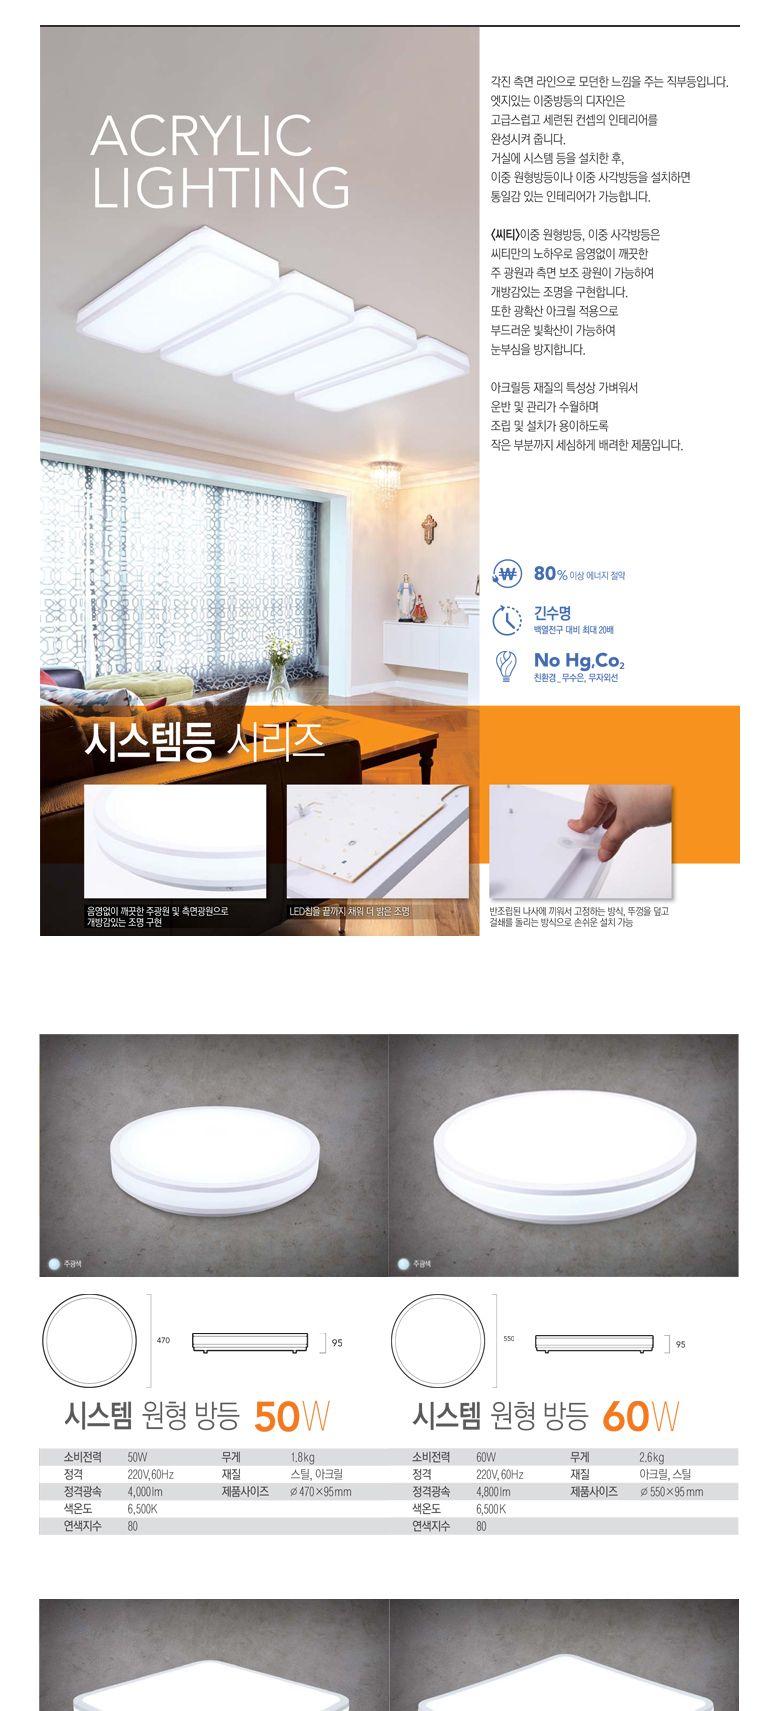 우진조명_ LED 시스템 원형 방등 60W 심플방조명 조명교체 방등교체 교체용조명 LED형광등 LED조명 가정용형광등 가정용LED형광등 가정용조명 가정용LED조명 업소용조명 셀프인테리어 방등 방조명